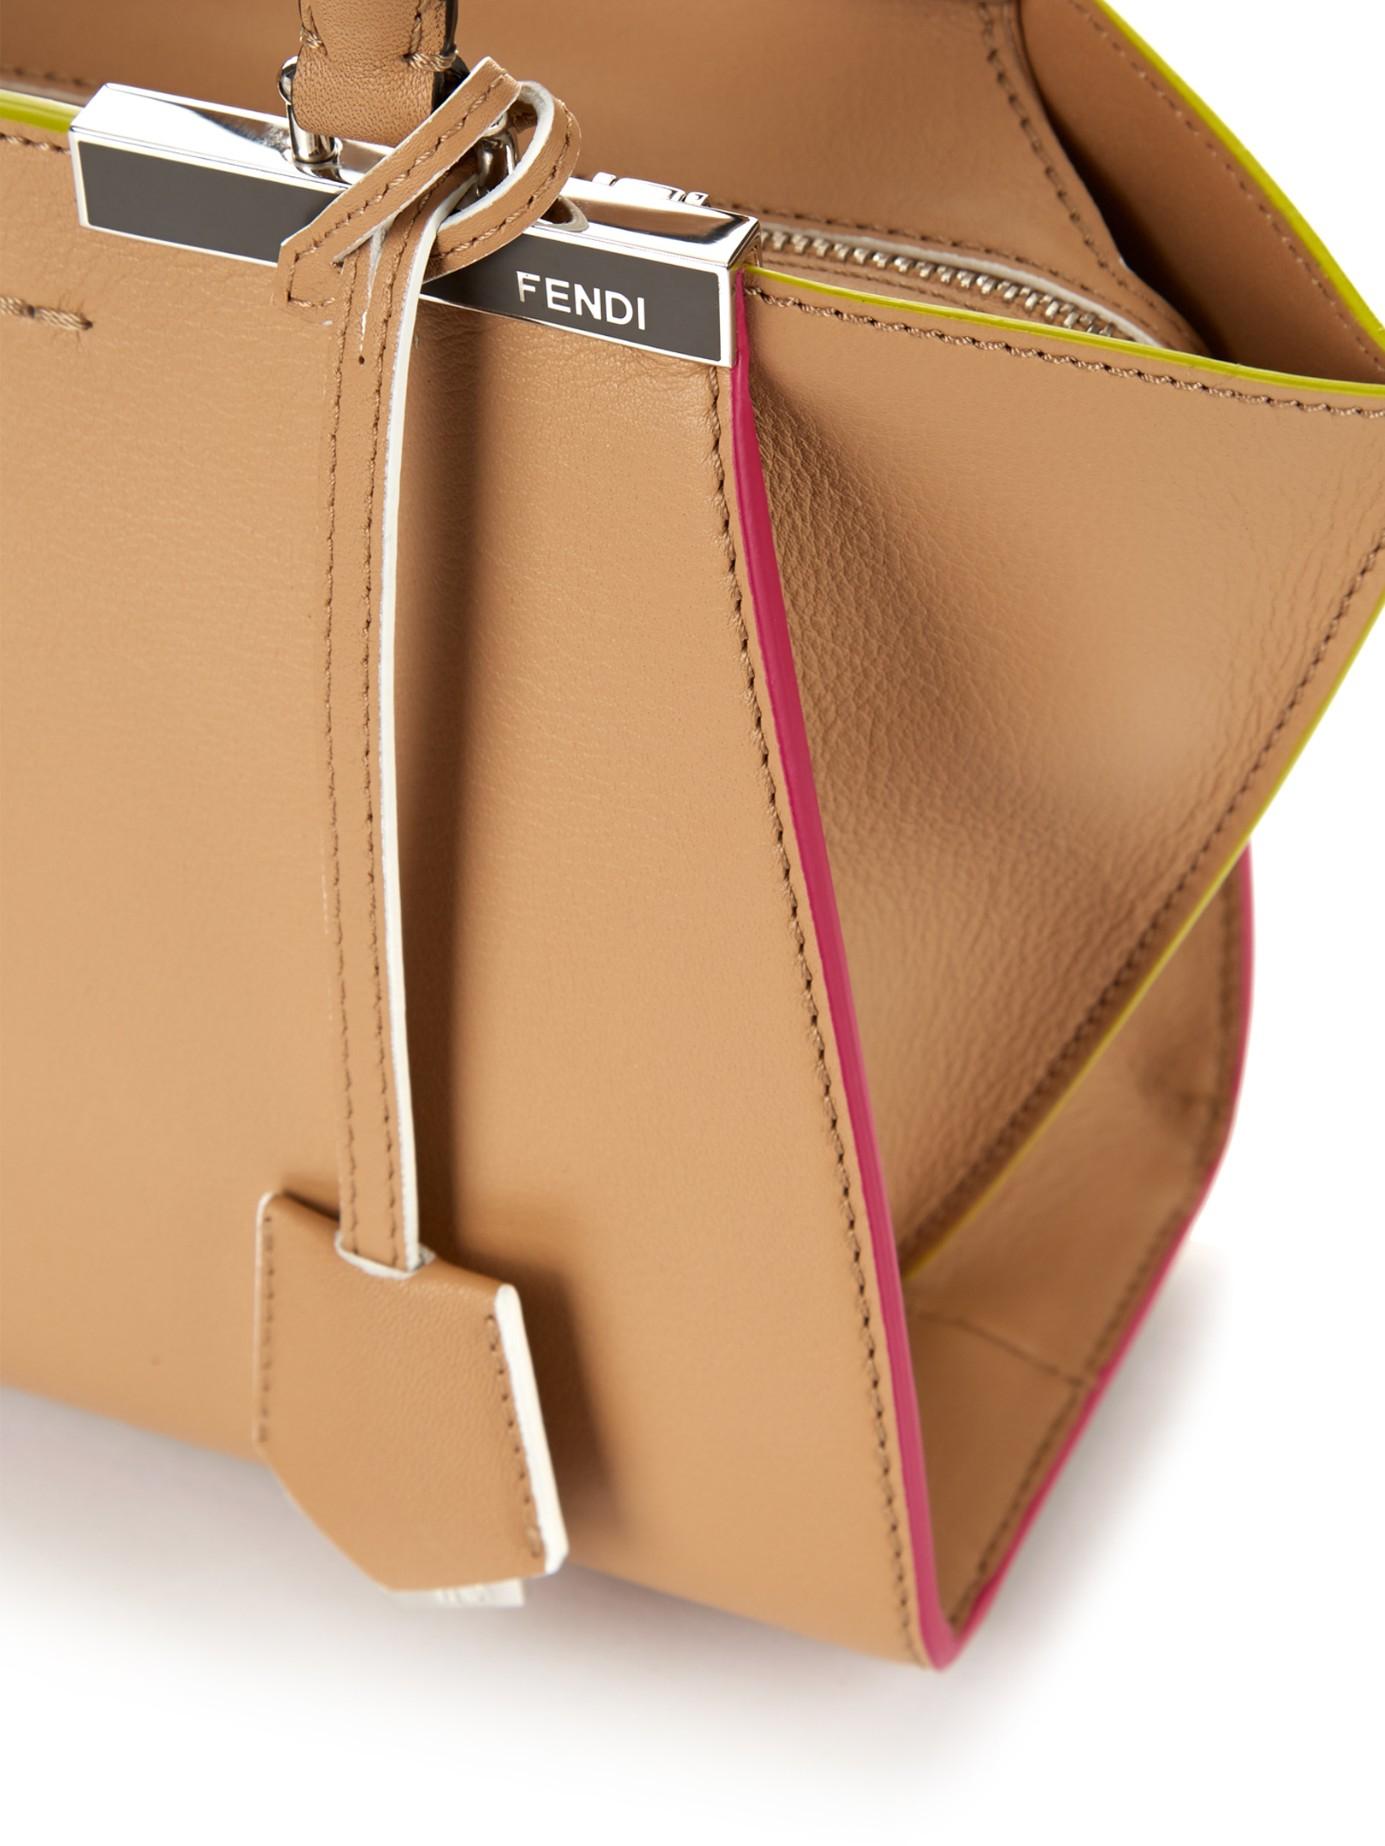 93a3cc4236e Fendi 3Jours Mini Contrast Trim Leather Tote in Natural - Lyst